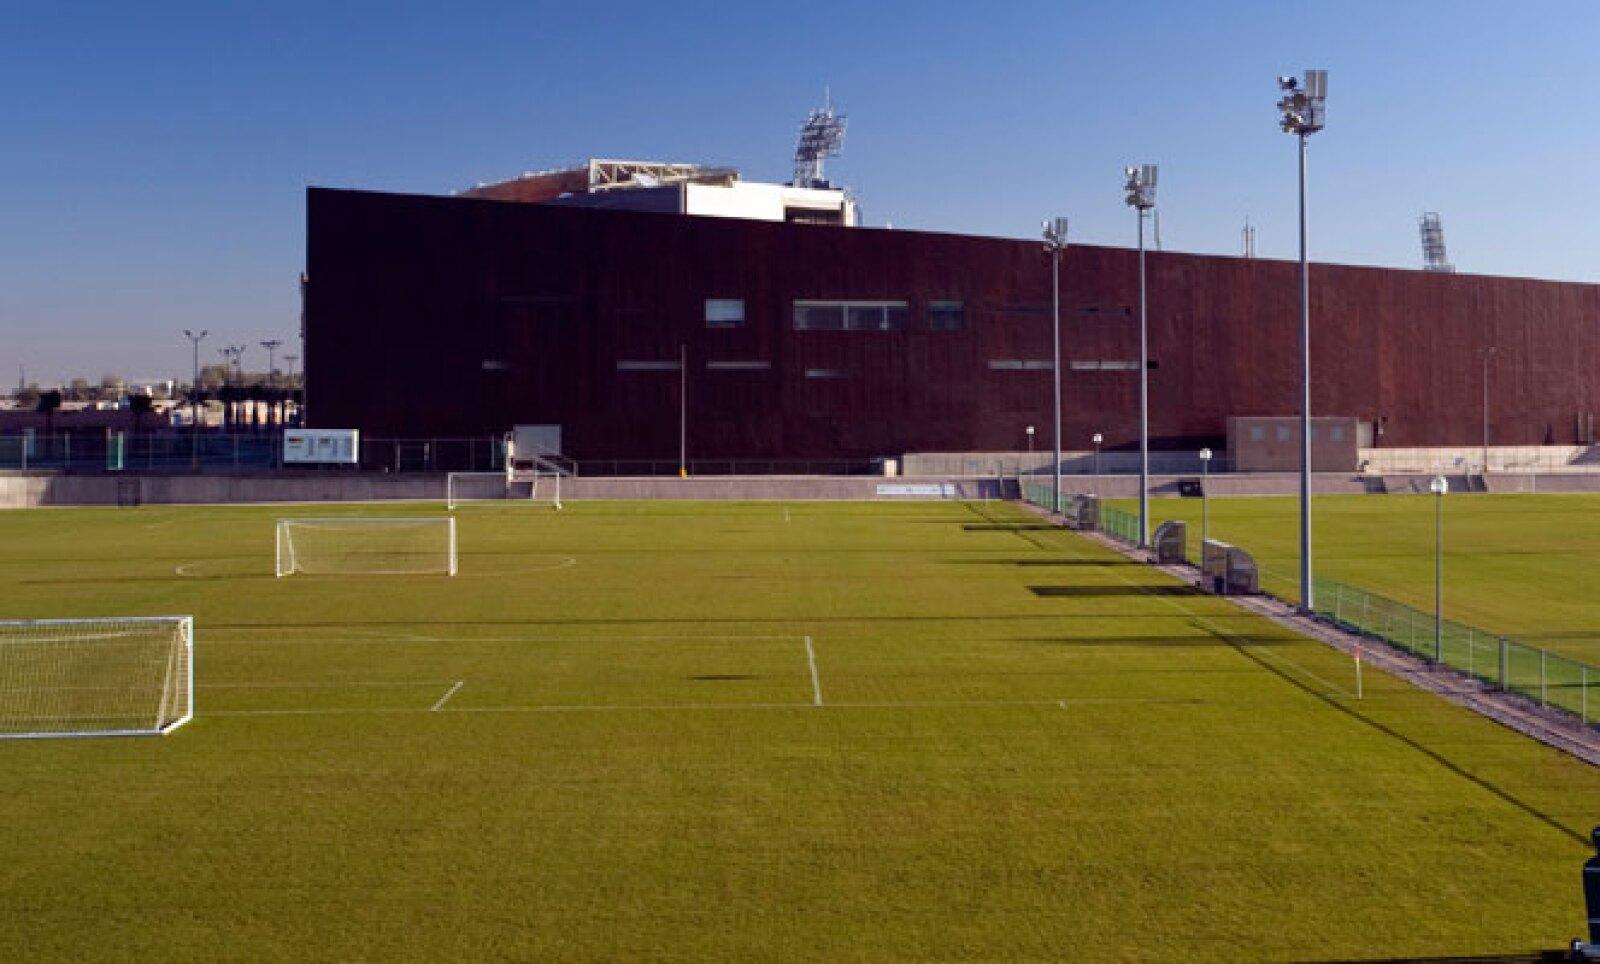 El recinto deportivo cuenta con capacidad para 30 mil aficionados al futbol, sin embargo, está preparado para recibir otro tipo de eventos, con la posibilidad de añadir otros tres mil lugares sobre el nivel de cancha.